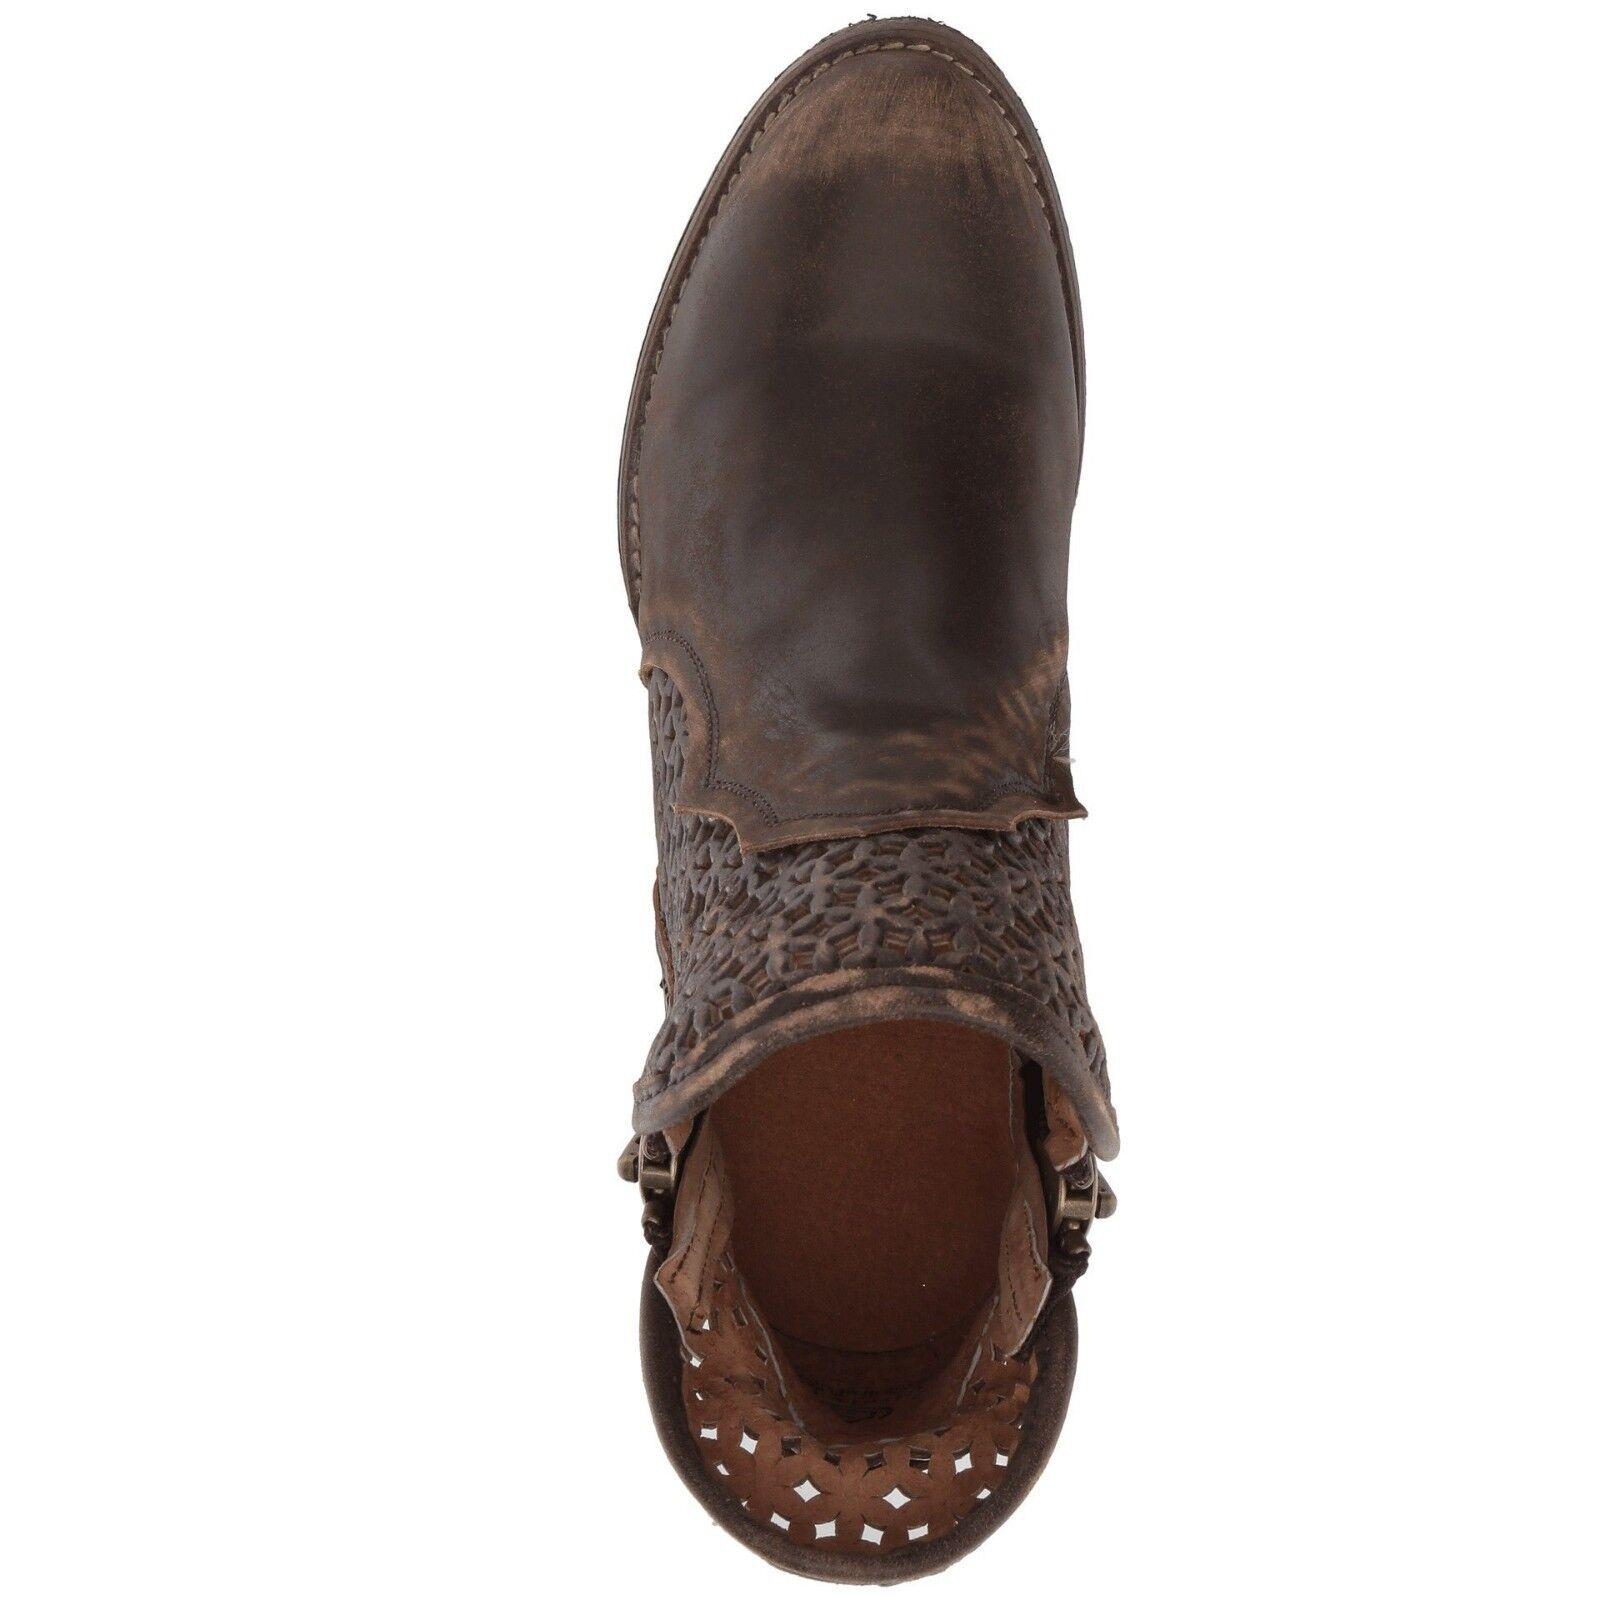 Círculo G por Shortie Corral Damas Marrón recorte Shortie por botas Q5019 275aa4